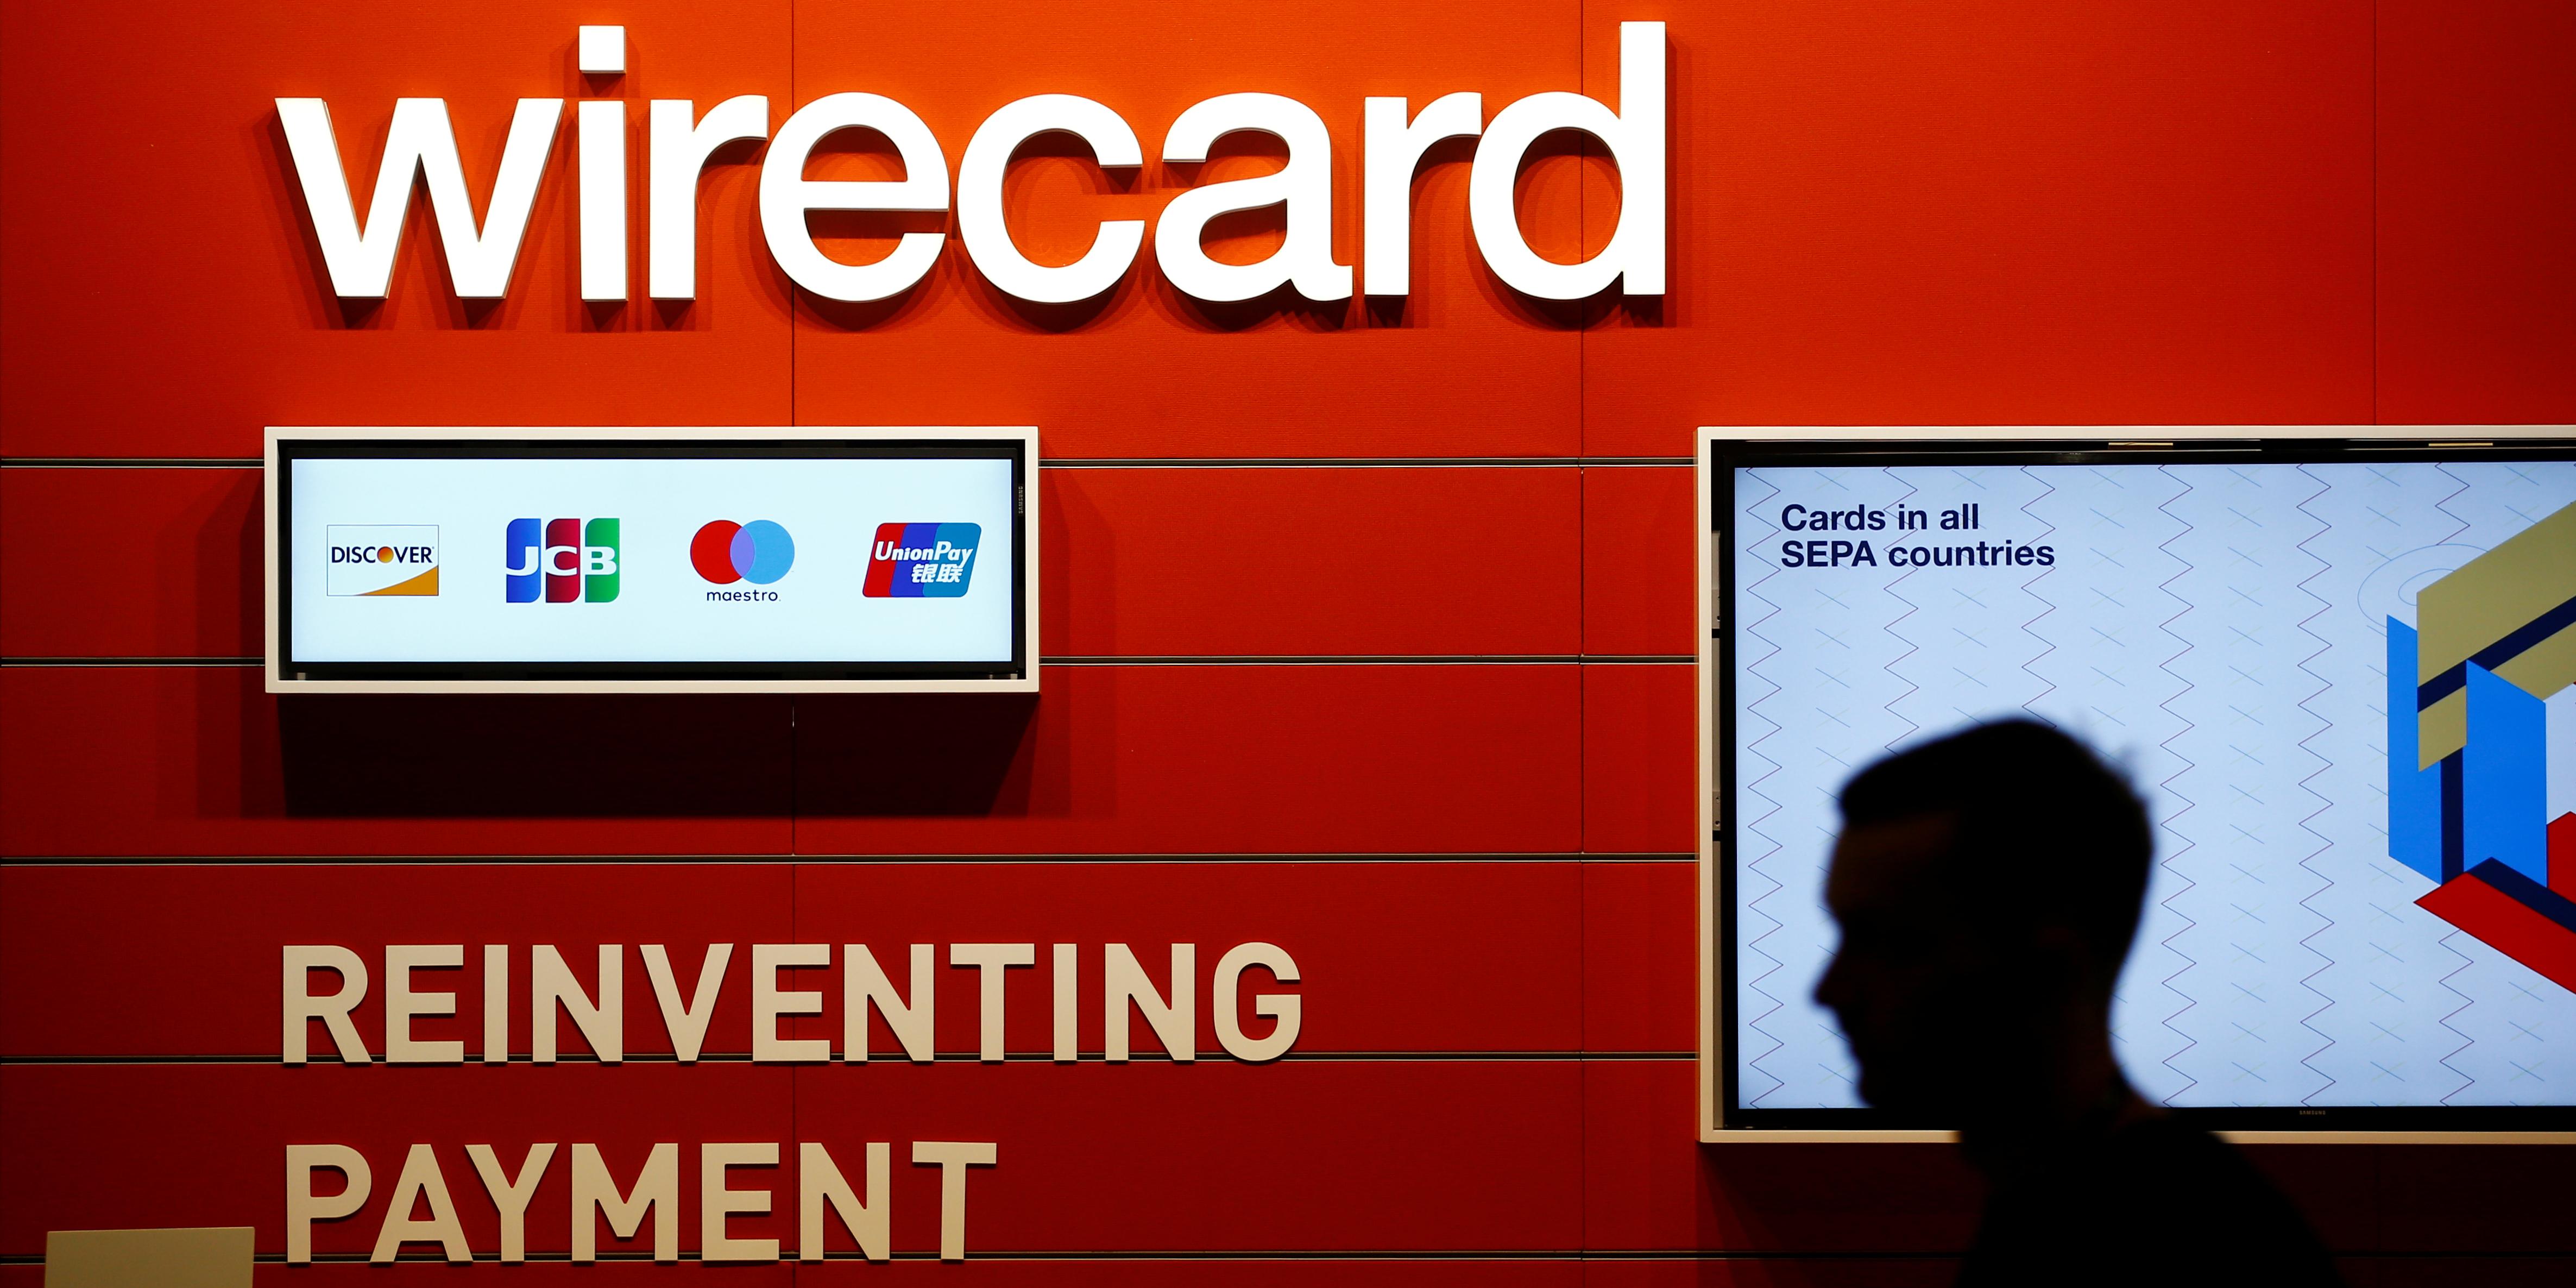 wirecard-dit-que-l-audit-externe-n-a-pas-trouve-d-irregularite 20190204150612